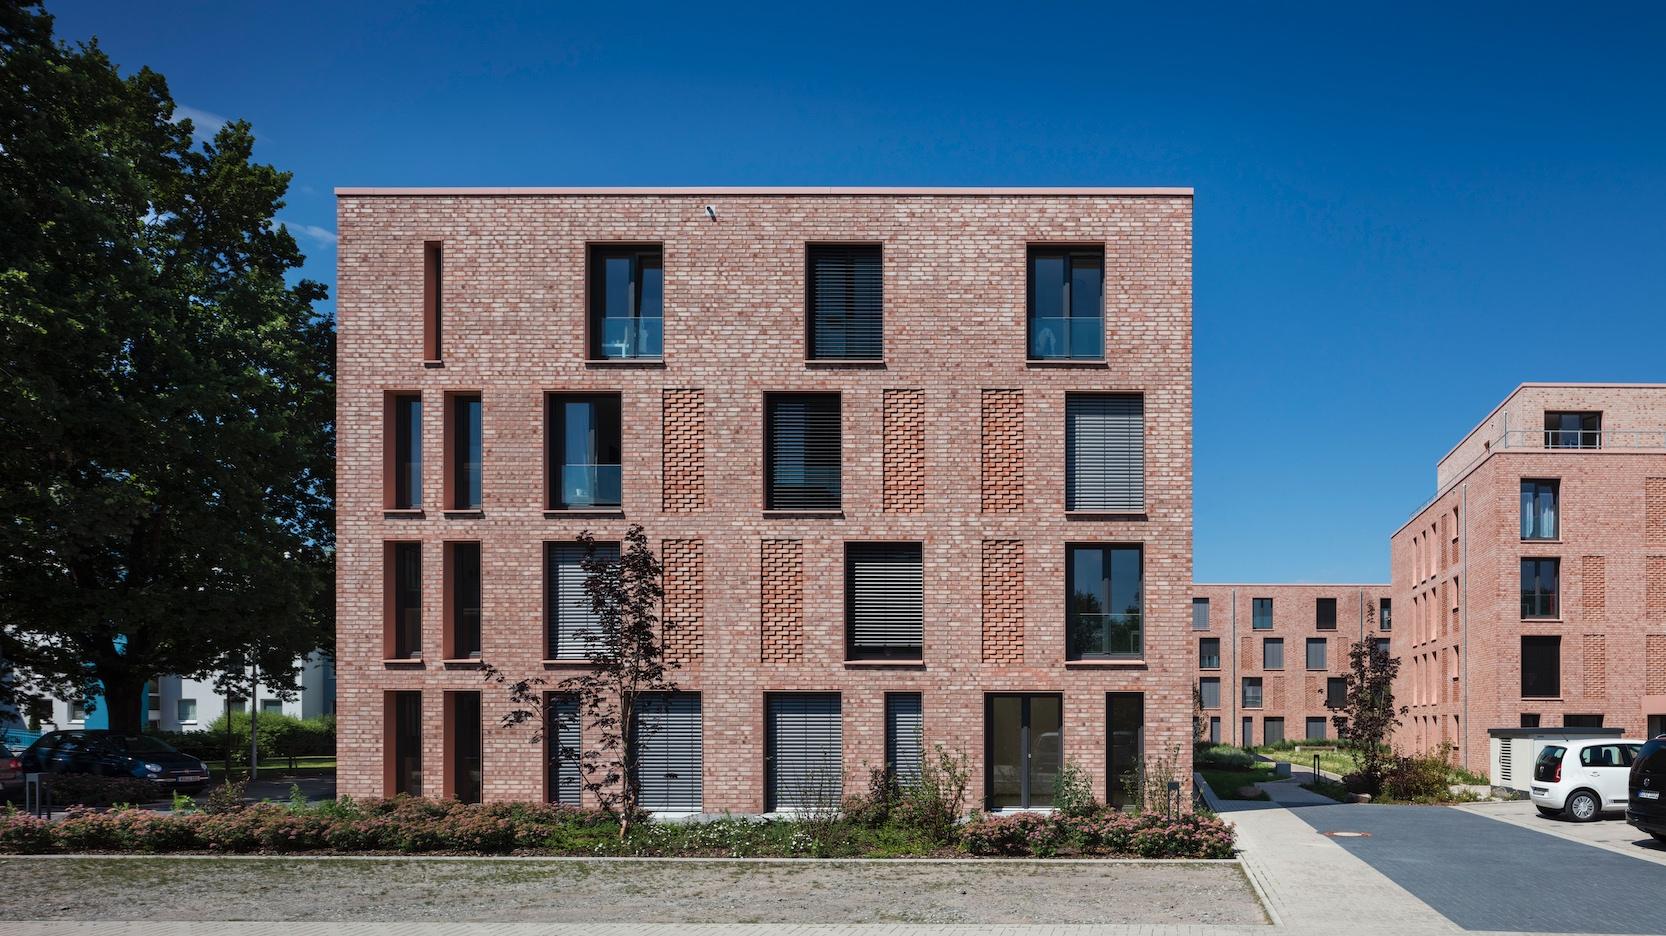 Fünf Gebäude bilden das neue Wohnquartier für Studierende. Alle Fotos: Wienerberger / Jens Kirchner